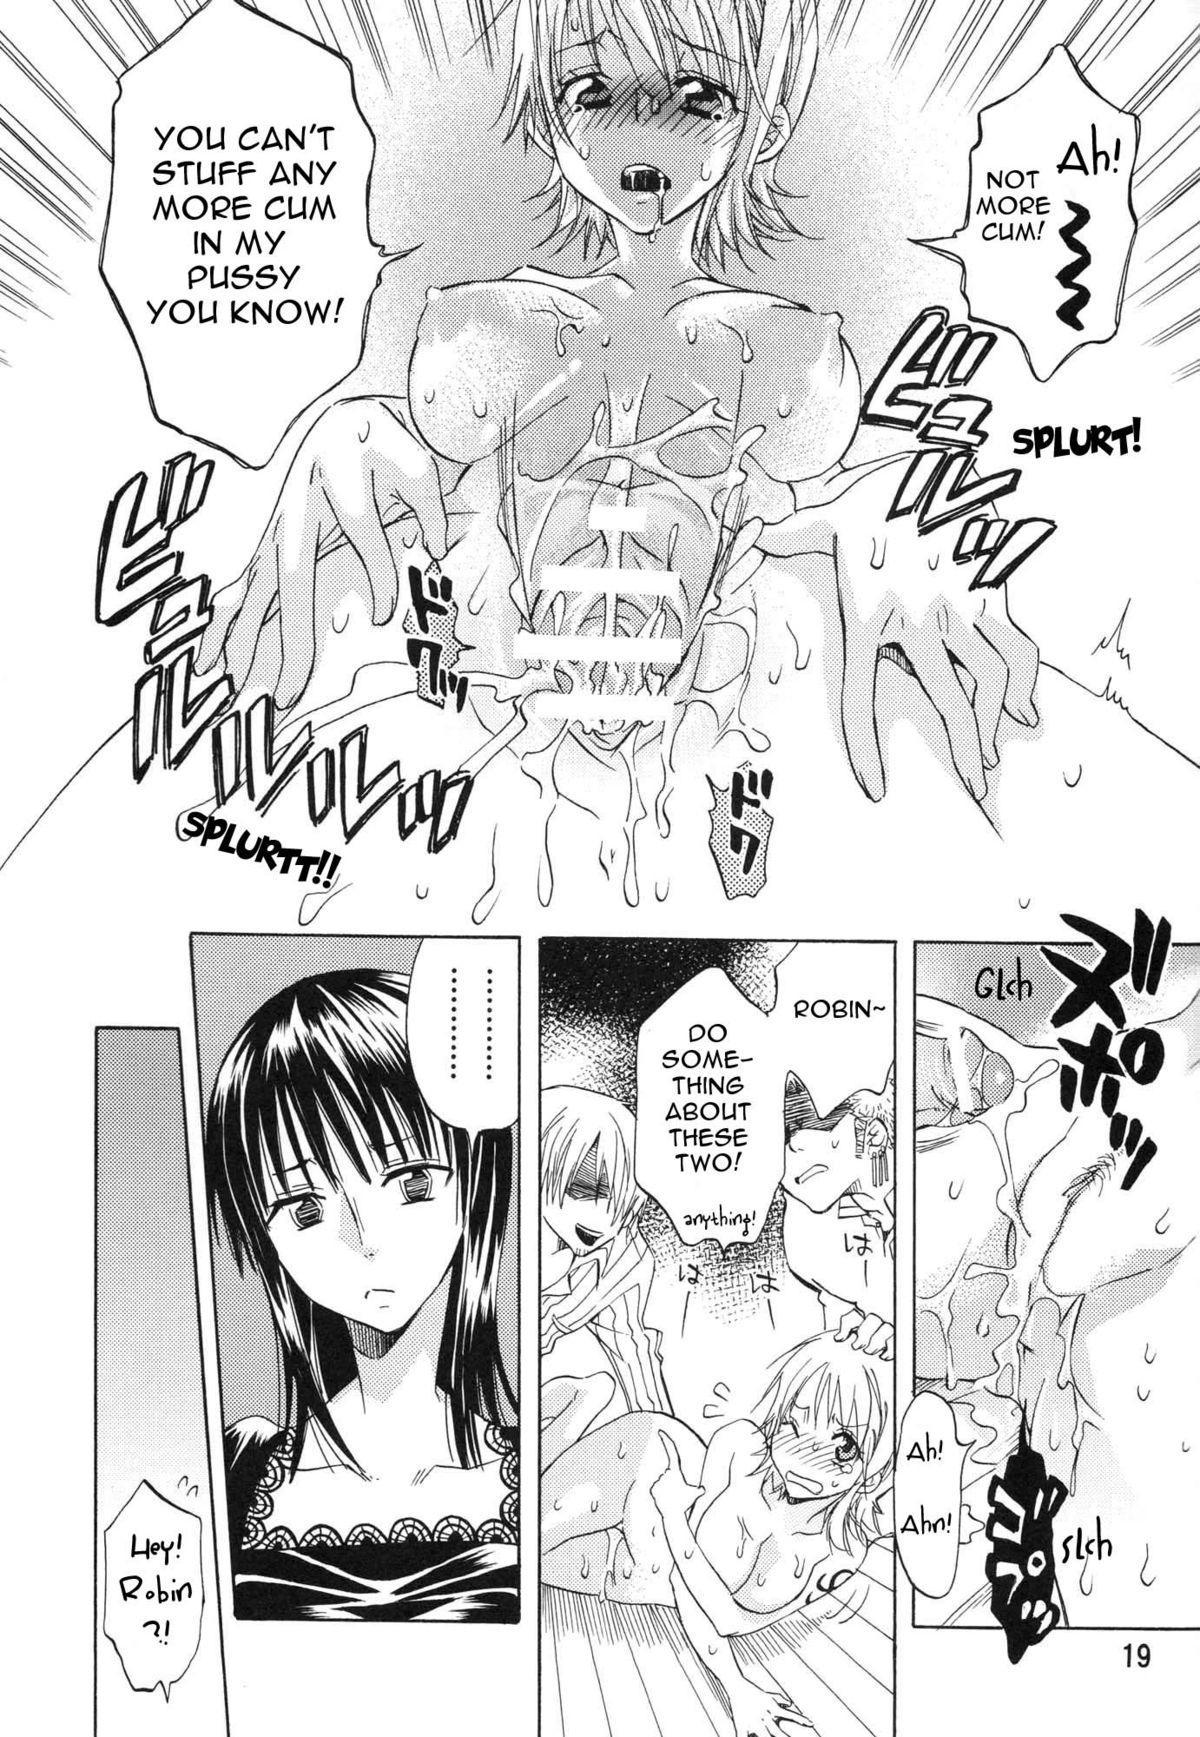 (C74) [Kurione-sha (YU-RI)] Nami-chan to mou 1kai!   Nami-chan in... One More Time! (One Piece) [English] {doujin-moe.us} 17